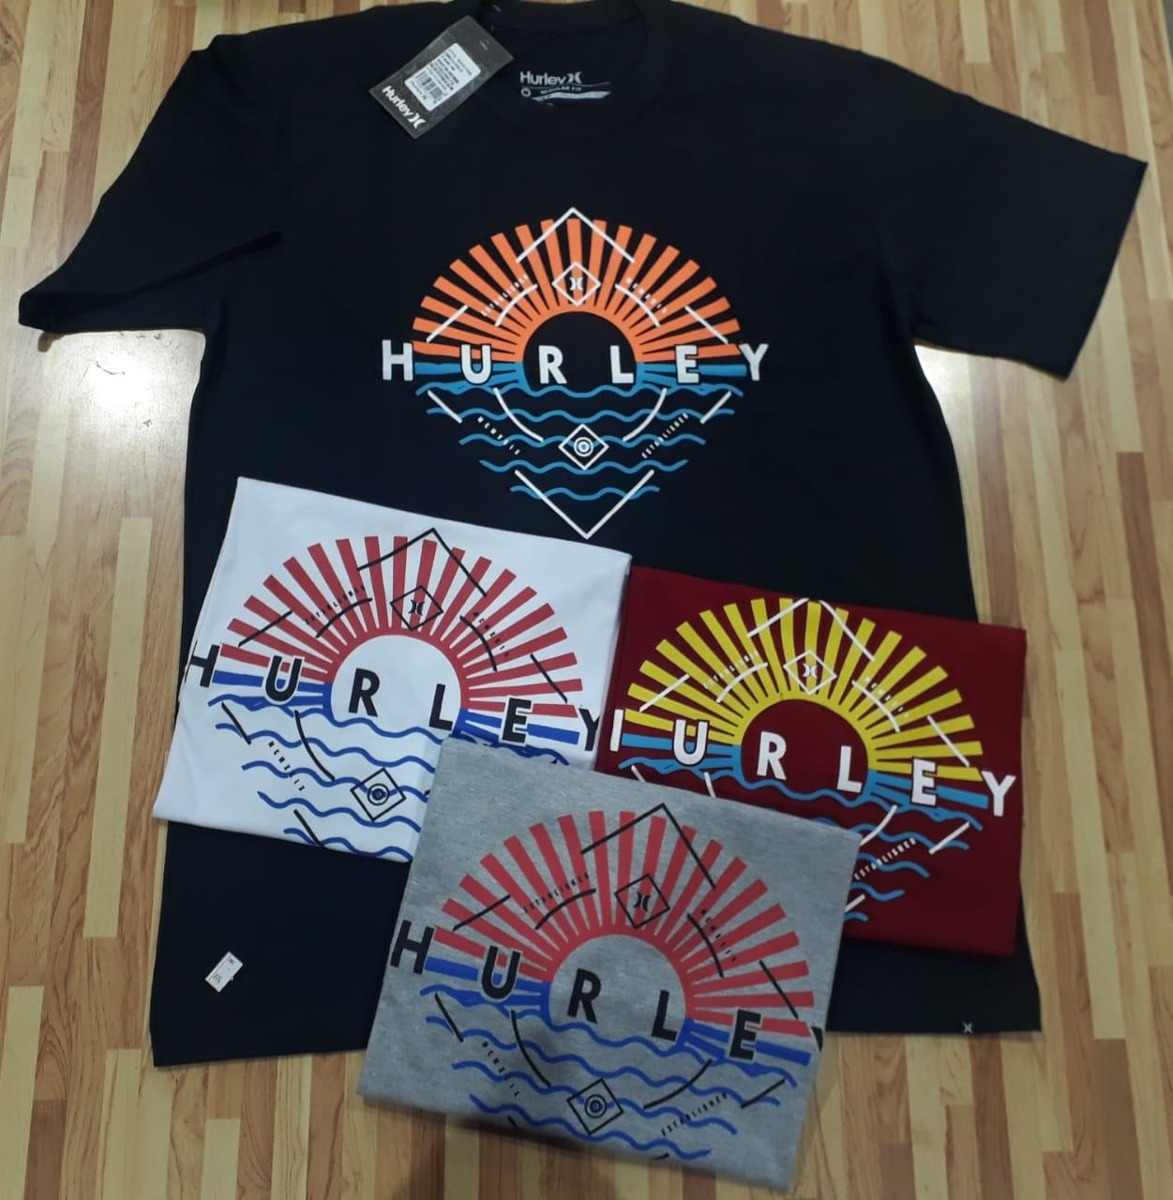 kit com 3 camisetas hurley - super oferta. Carregando zoom. c4756e08ada